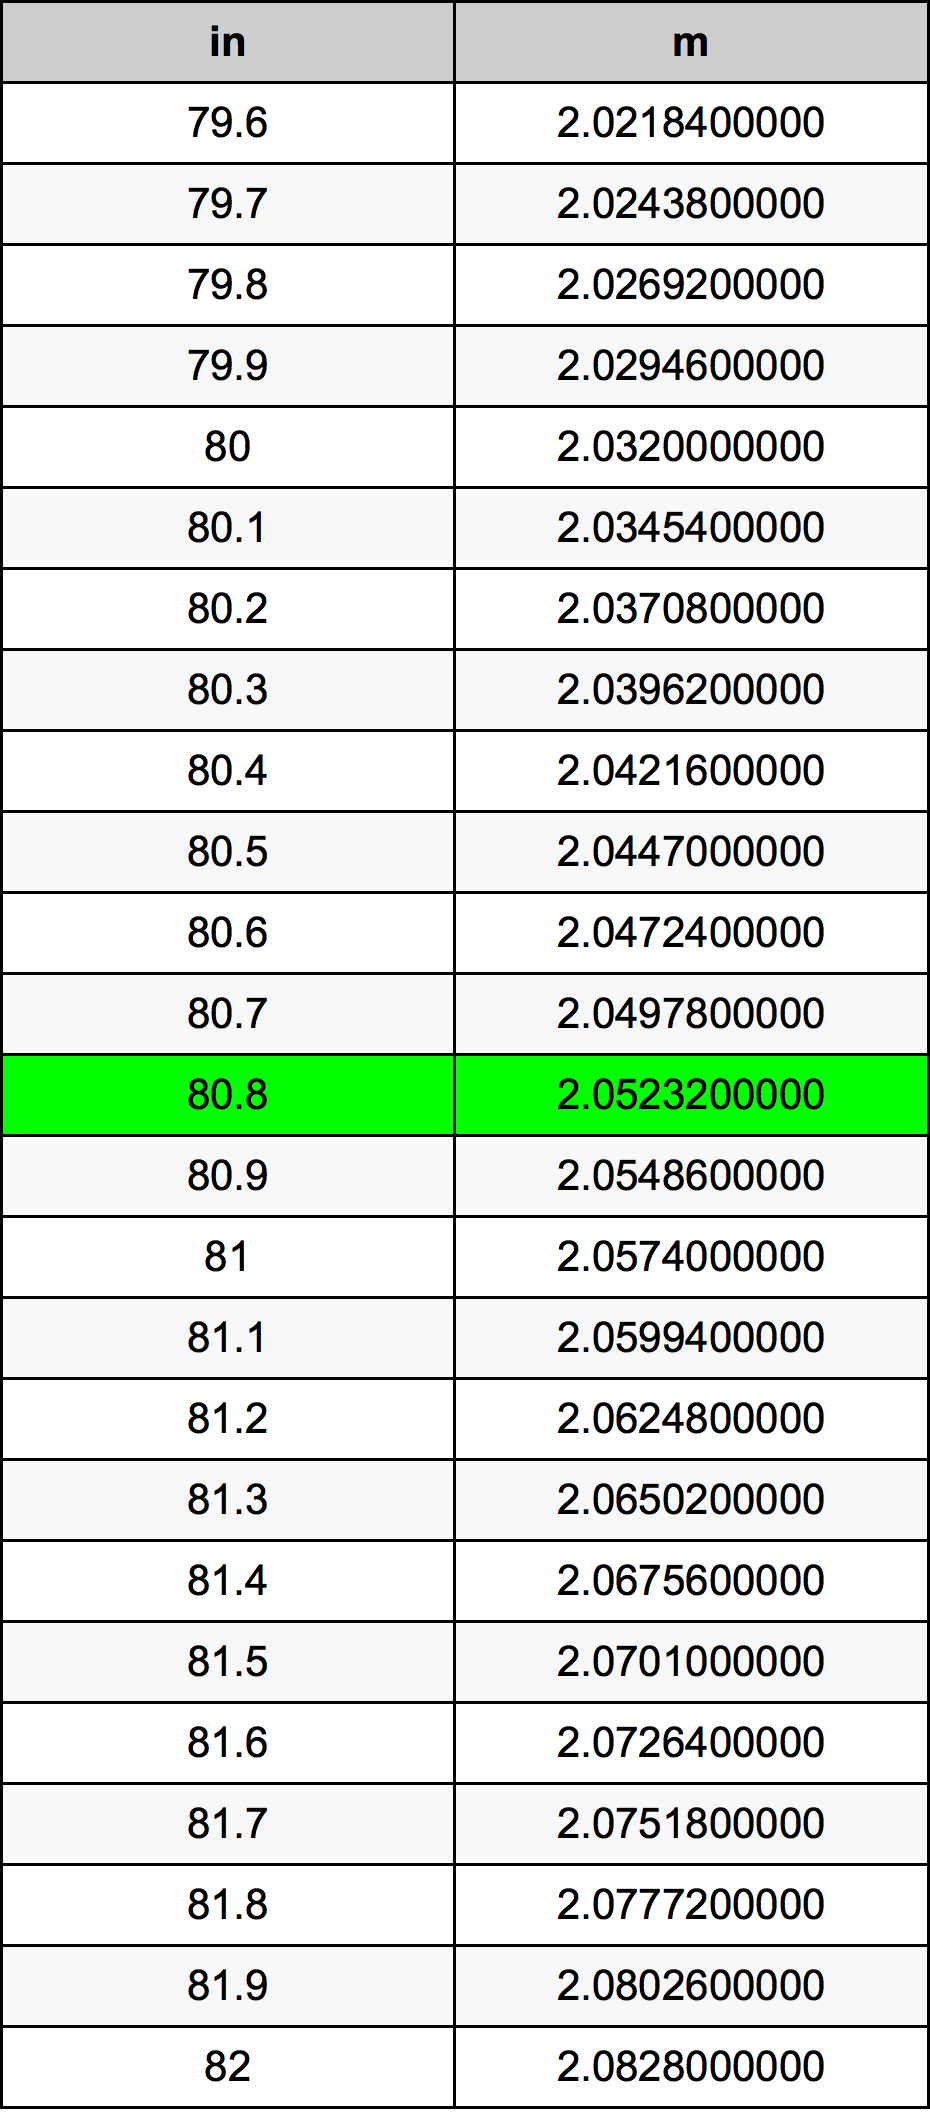 80.8 Polegada tabela de conversão